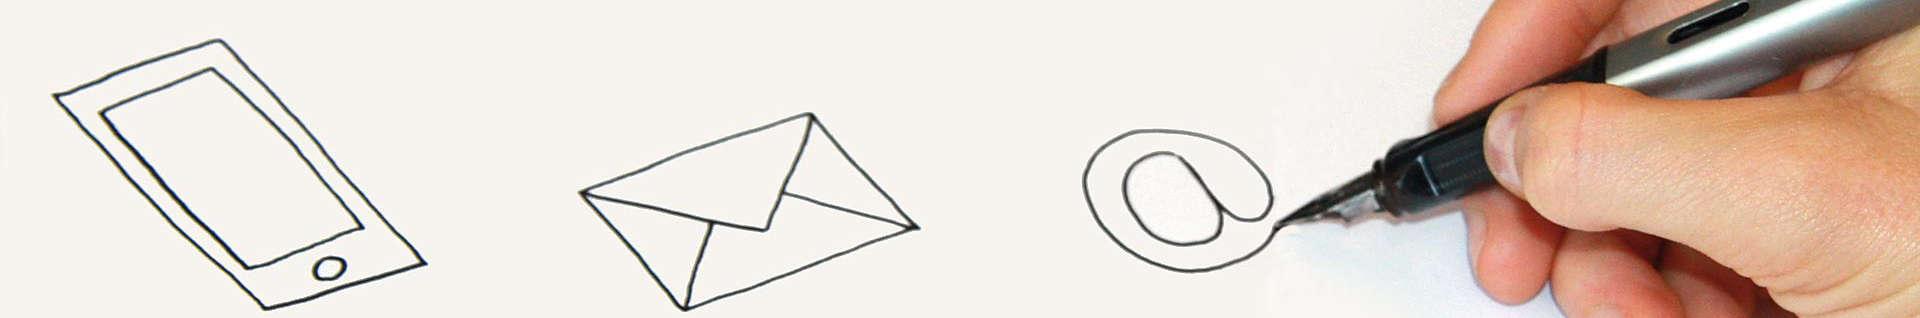 Subpage Kontakt Kontatkformular